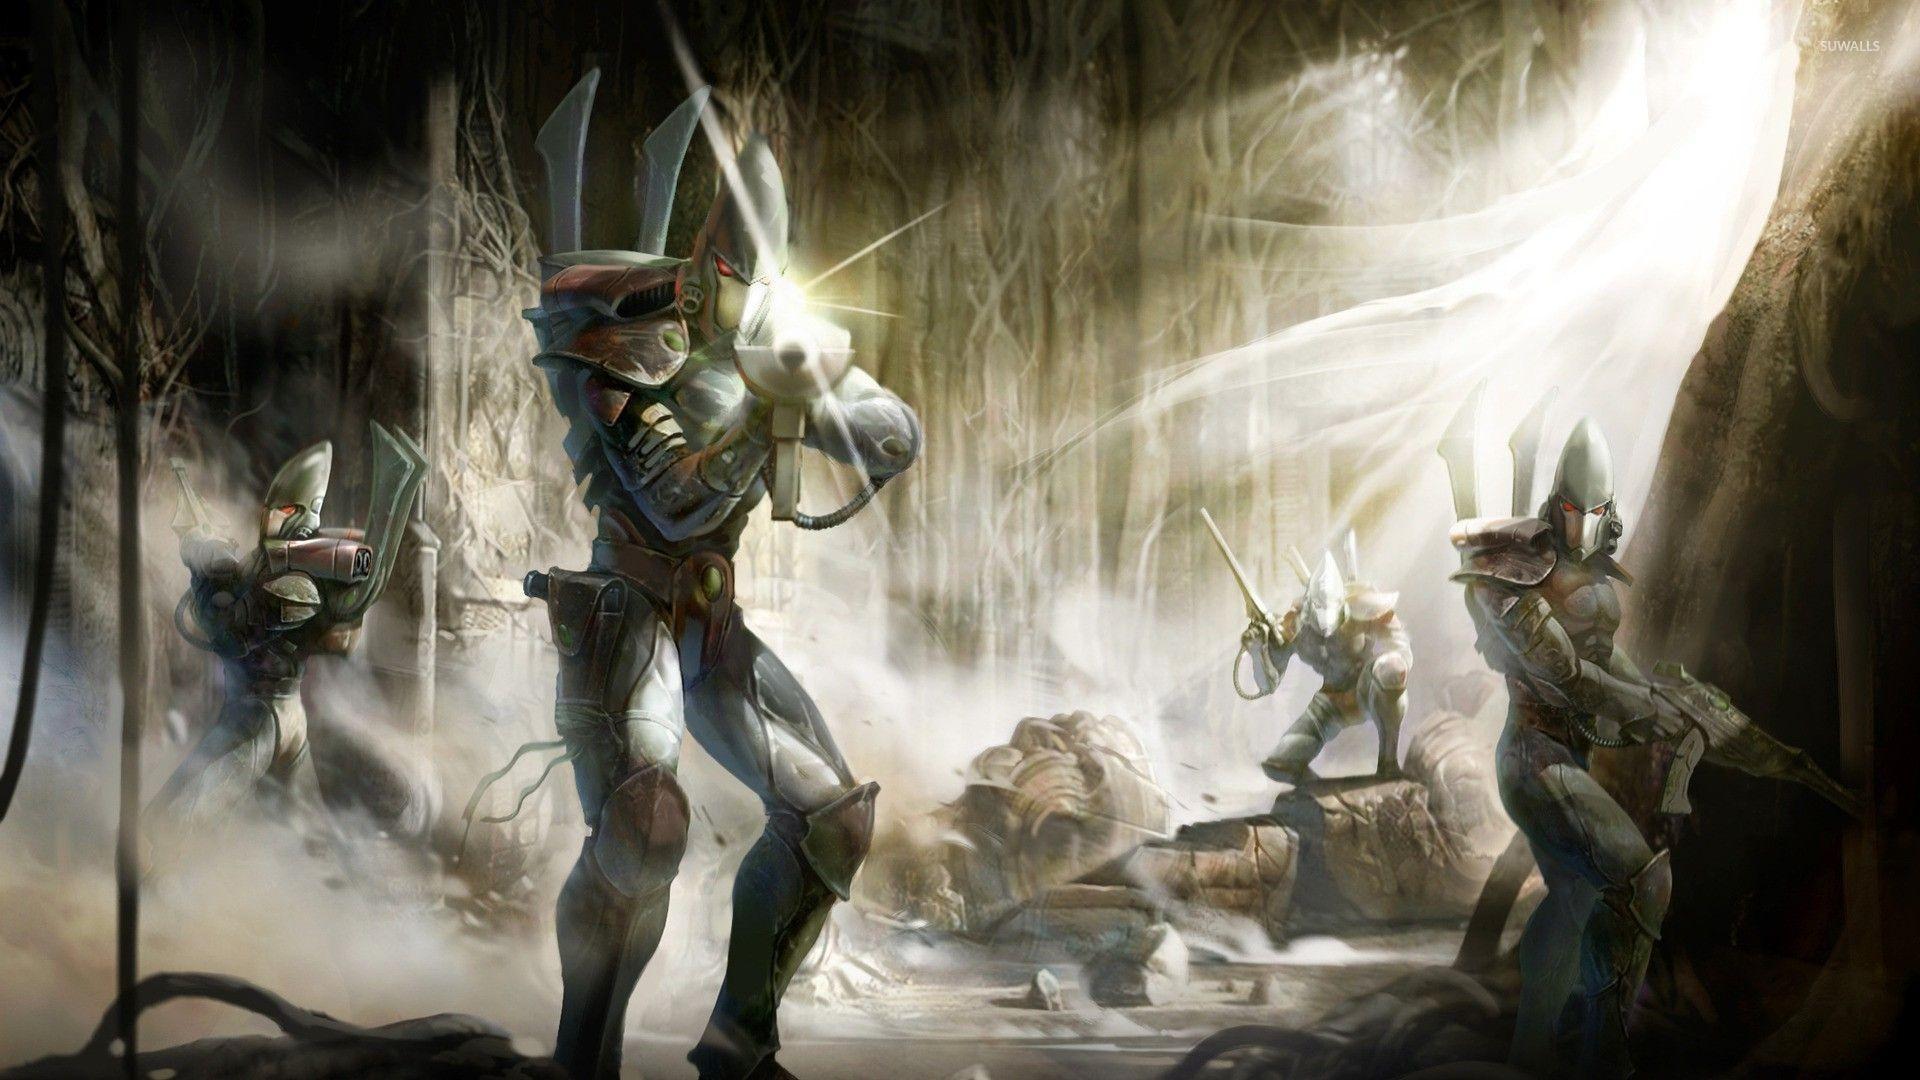 Warhammer 40,000 – Dawn of War wallpaper jpg